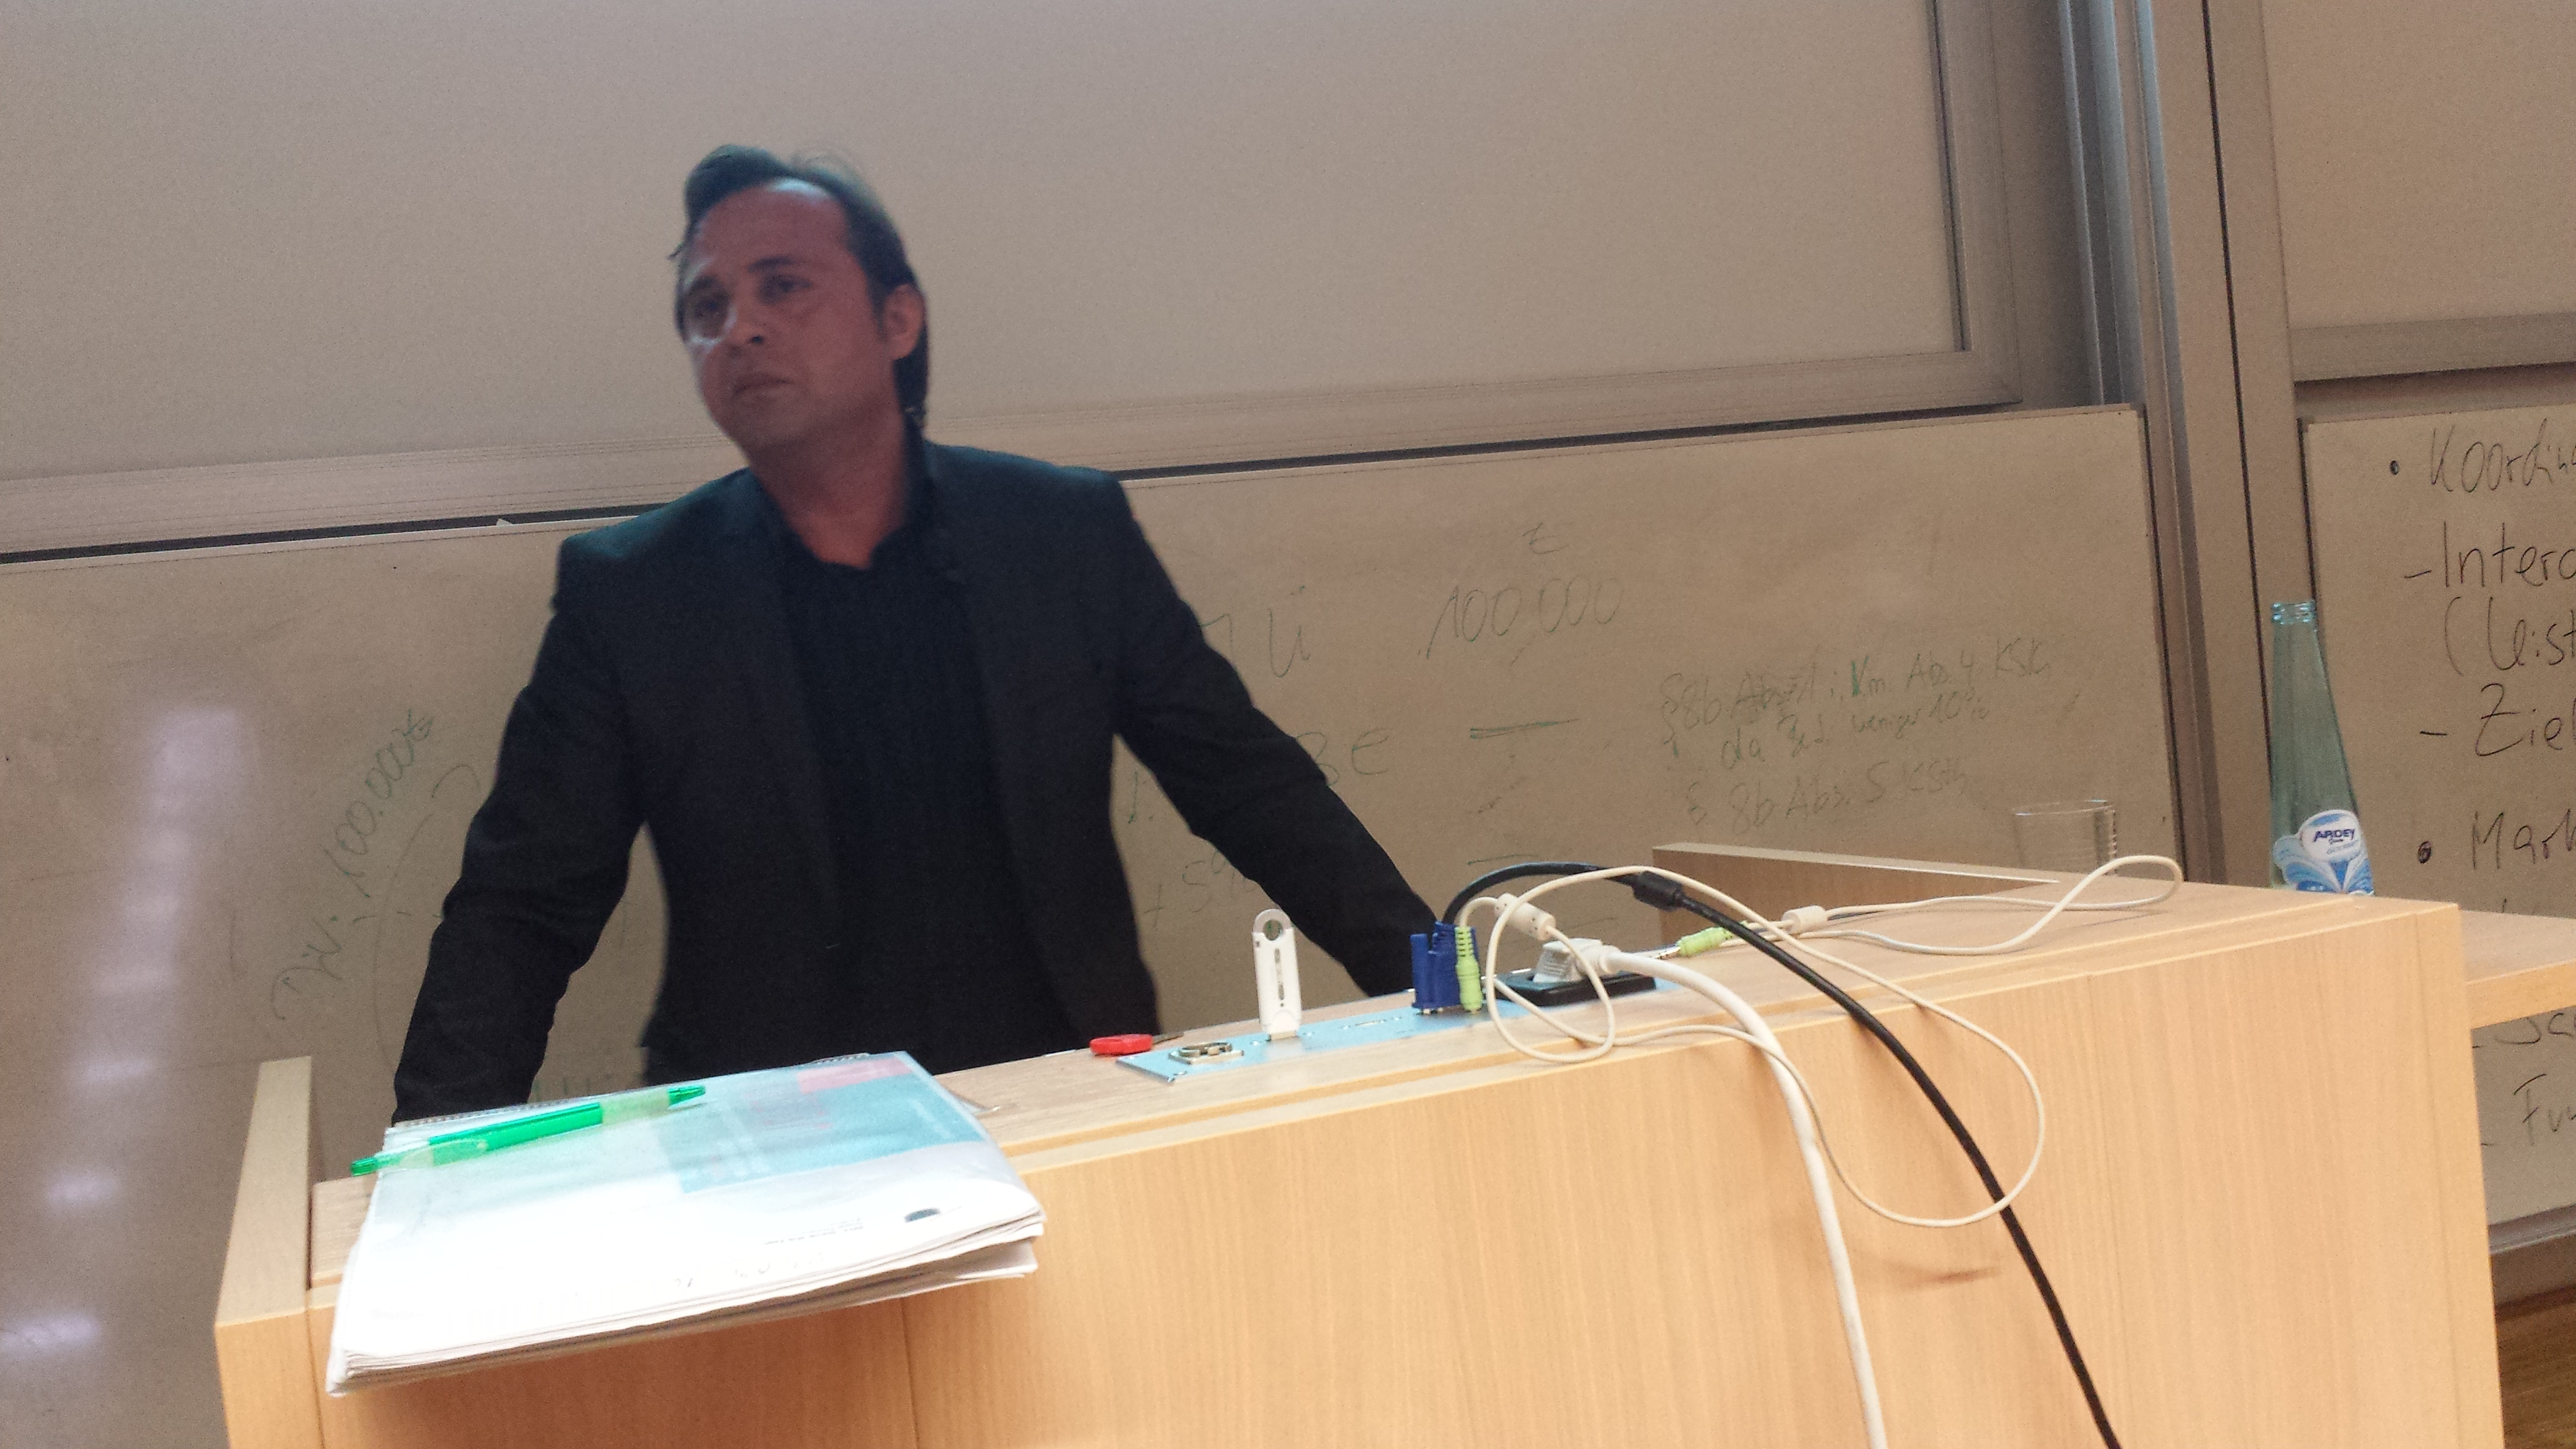 """Levent Arslan: """"Die Würde des Menschen ist unantastabar."""""""